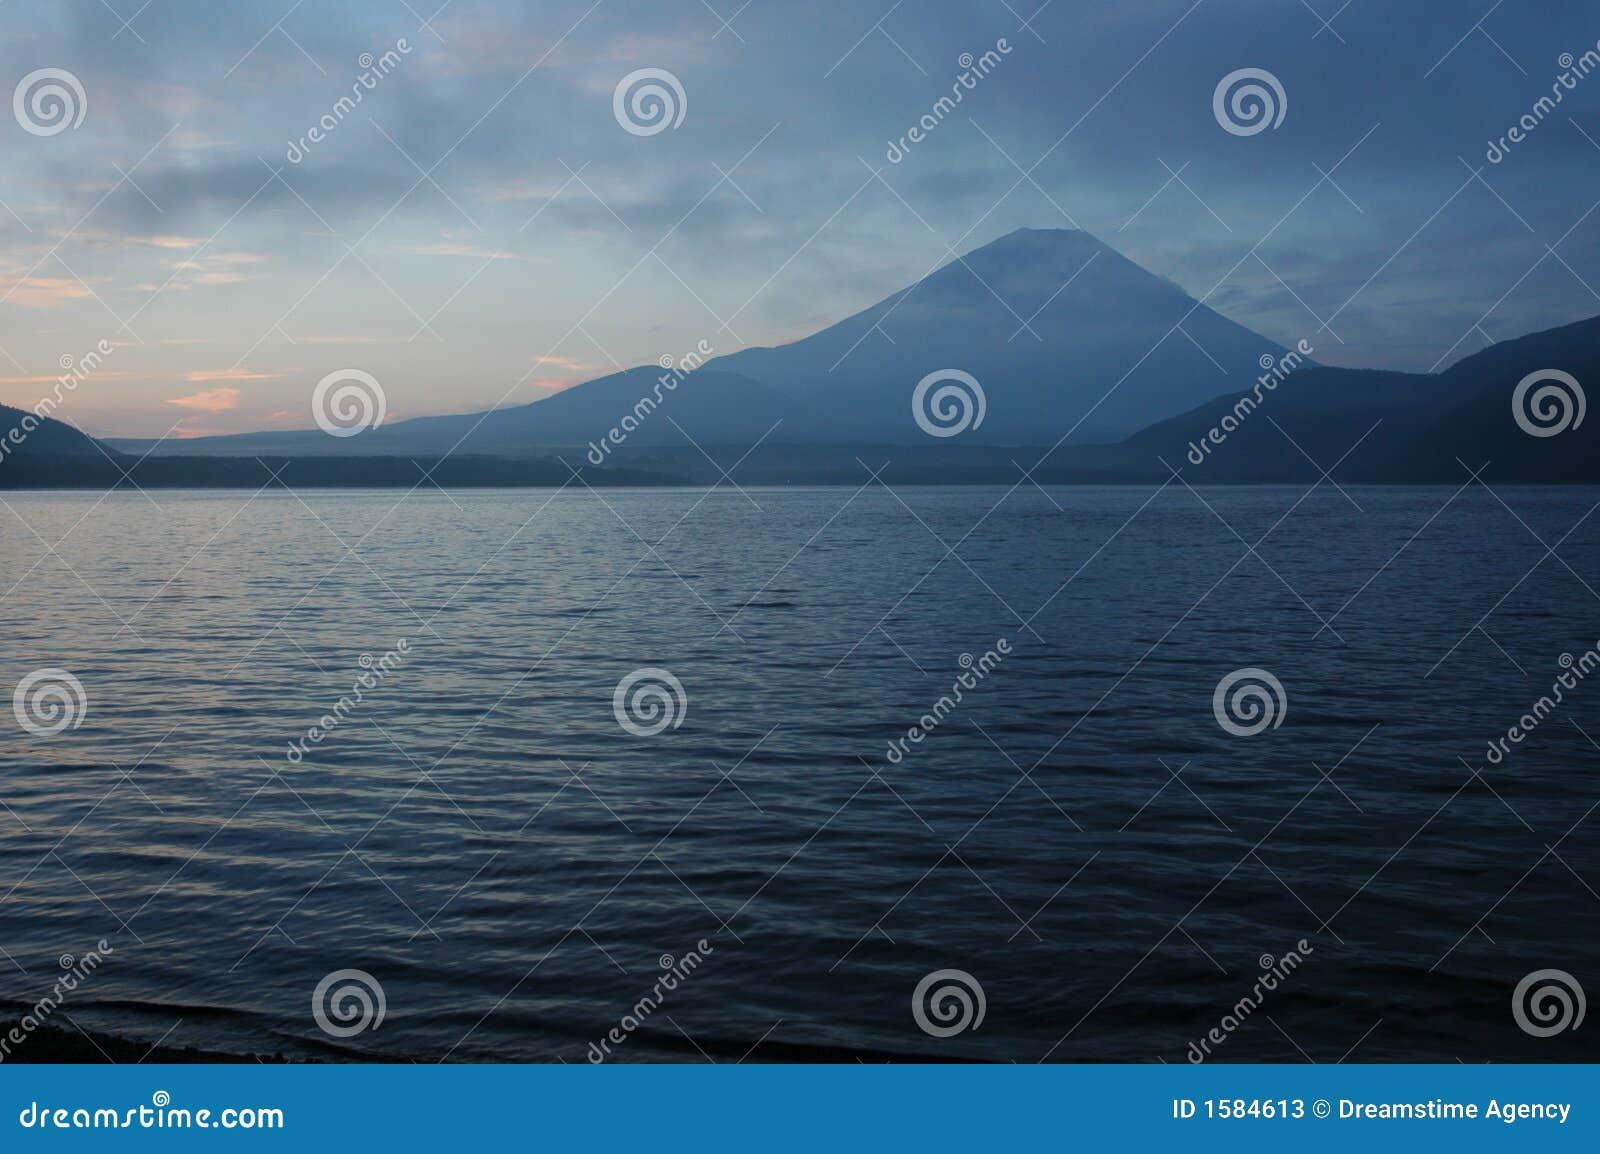 黎明富士挂接